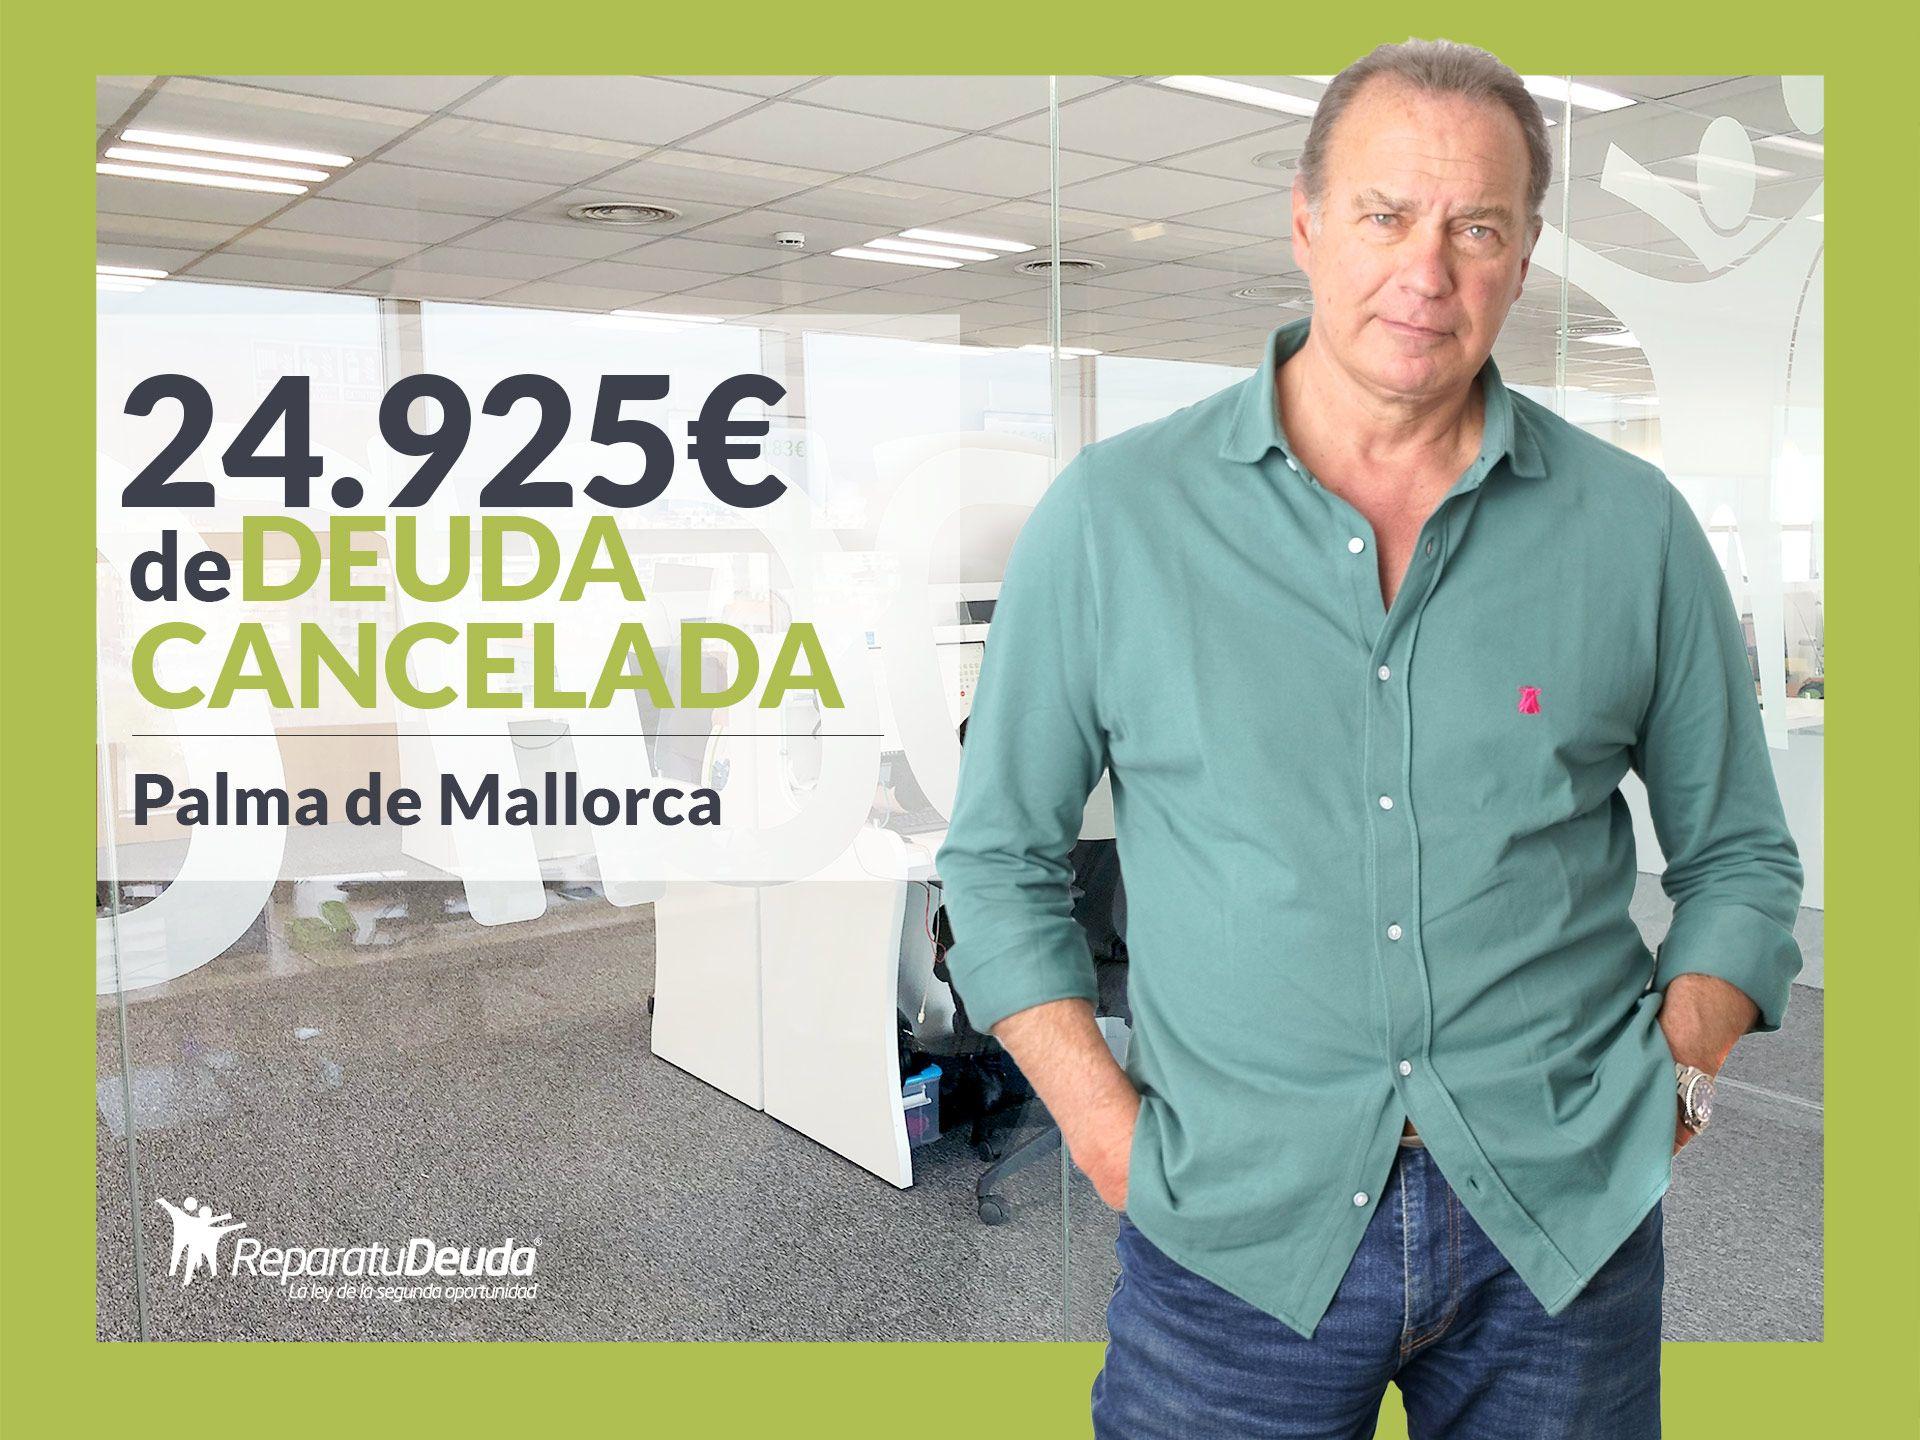 Repara tu Deuda Abogados cancela 24.925? en Palma de Mallorca (Baleares) con la Ley de Segunda Oportunidad